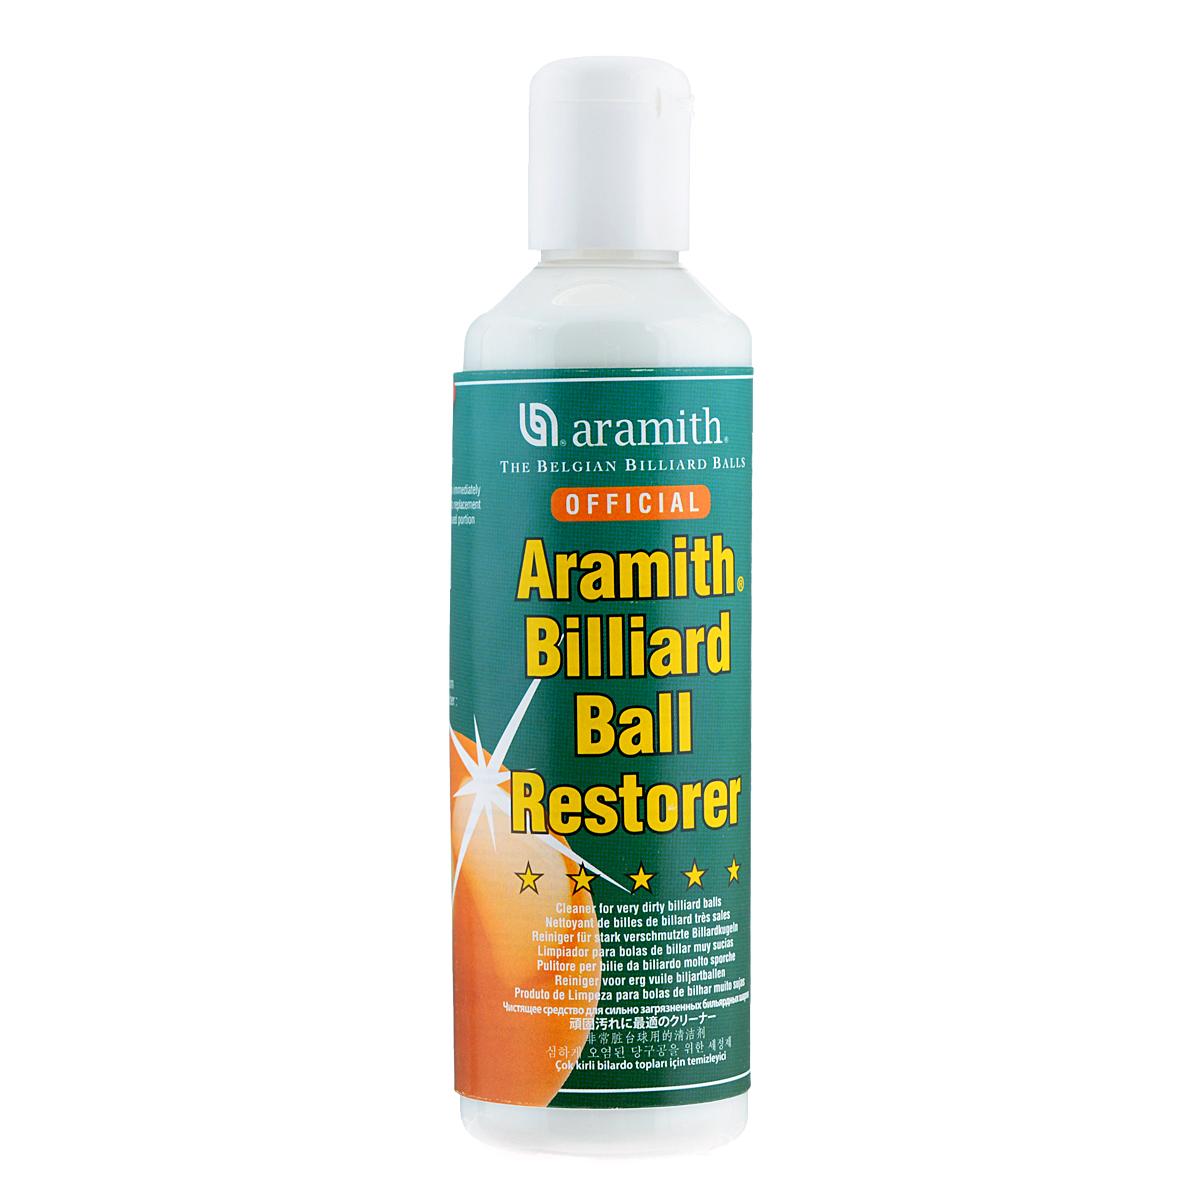 Средство для реставрации шаров Aramith Ball Restorer, 250 мл05382Средство Aramith Ball Restorer предназначено для удаления сильного загрязнения, следов мела и жира. Позволяет удалять самые стойкие загрязнения и вернуть бильярдным шарам первоначальный блеск. Подходит для чистки шаров как из фенолформальдегидной смолы, так и для шаров из полиэстера. Средство можно использовать после каждой игры, ведь чистота шаров – залог безупречно точного удара.